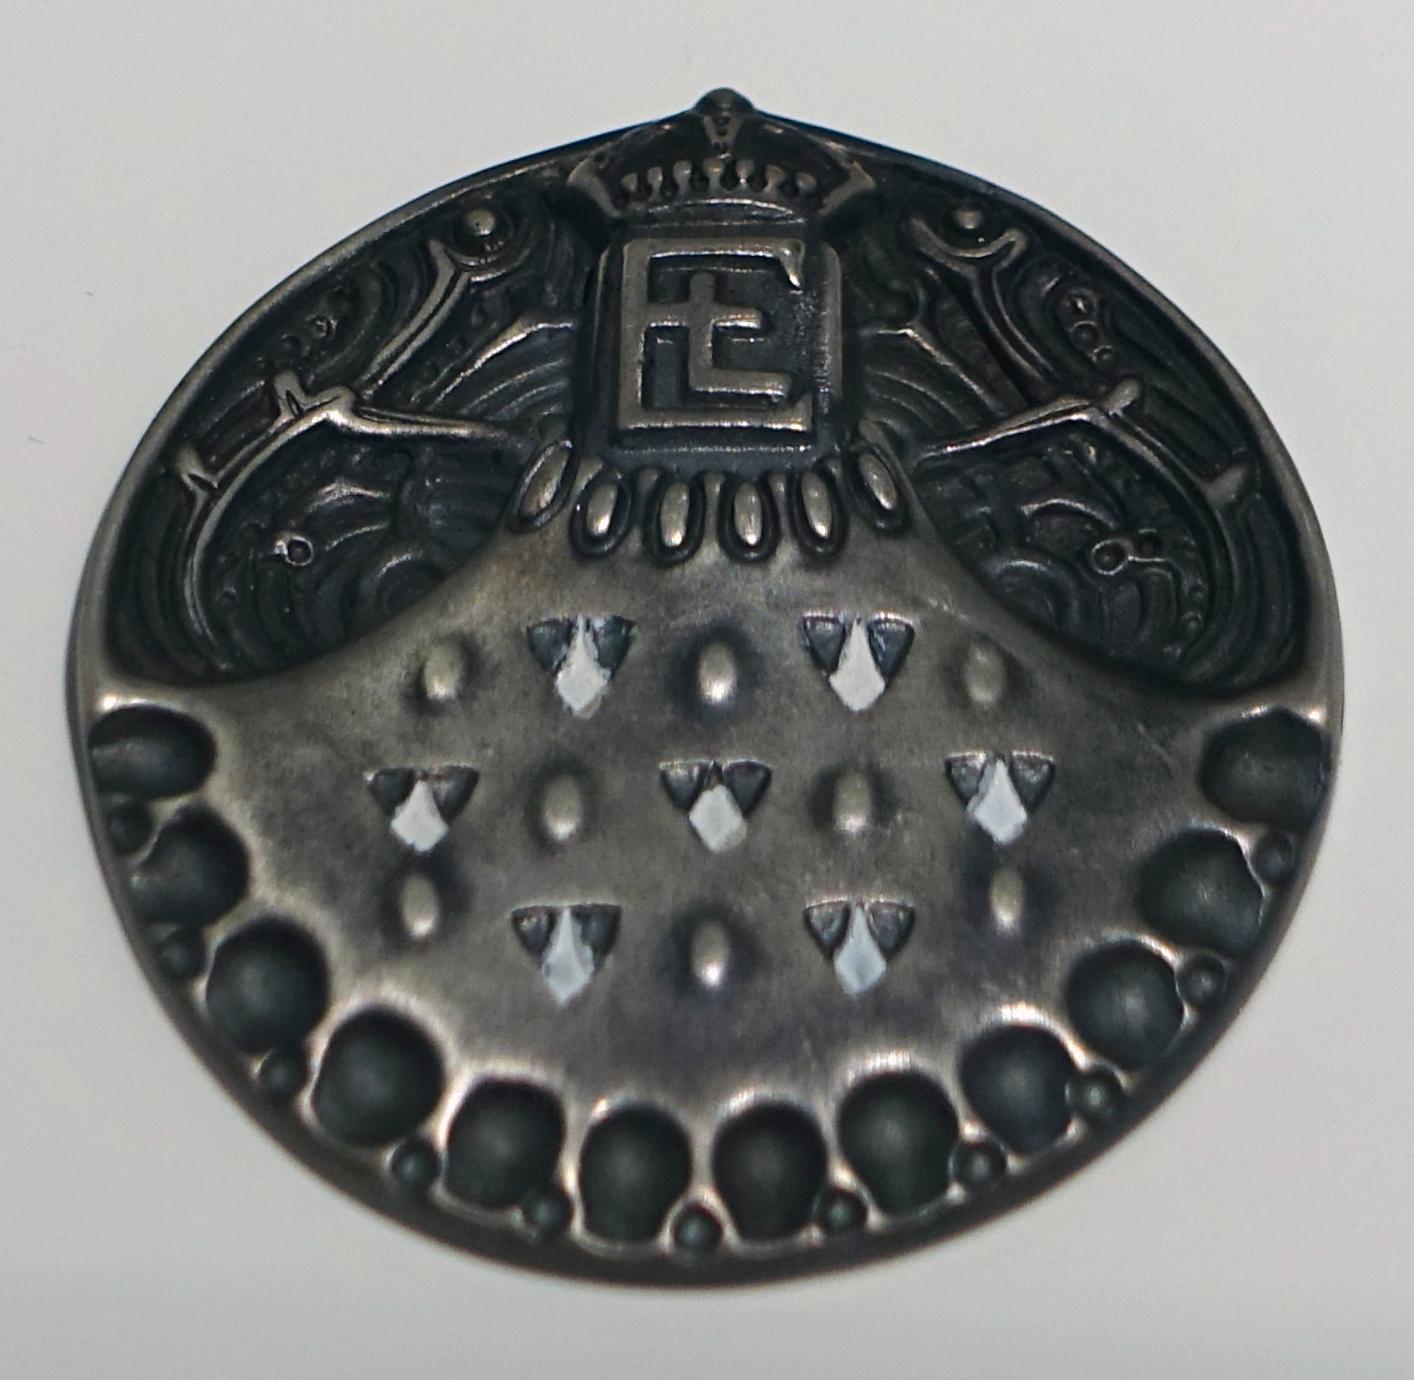 Paul Haustein, medaille, 1904, Collectie Hessisches Landesmuseum. Foto met dank aan Wikimedia Commons, Daderot, publiek domein (CC0 1.0)